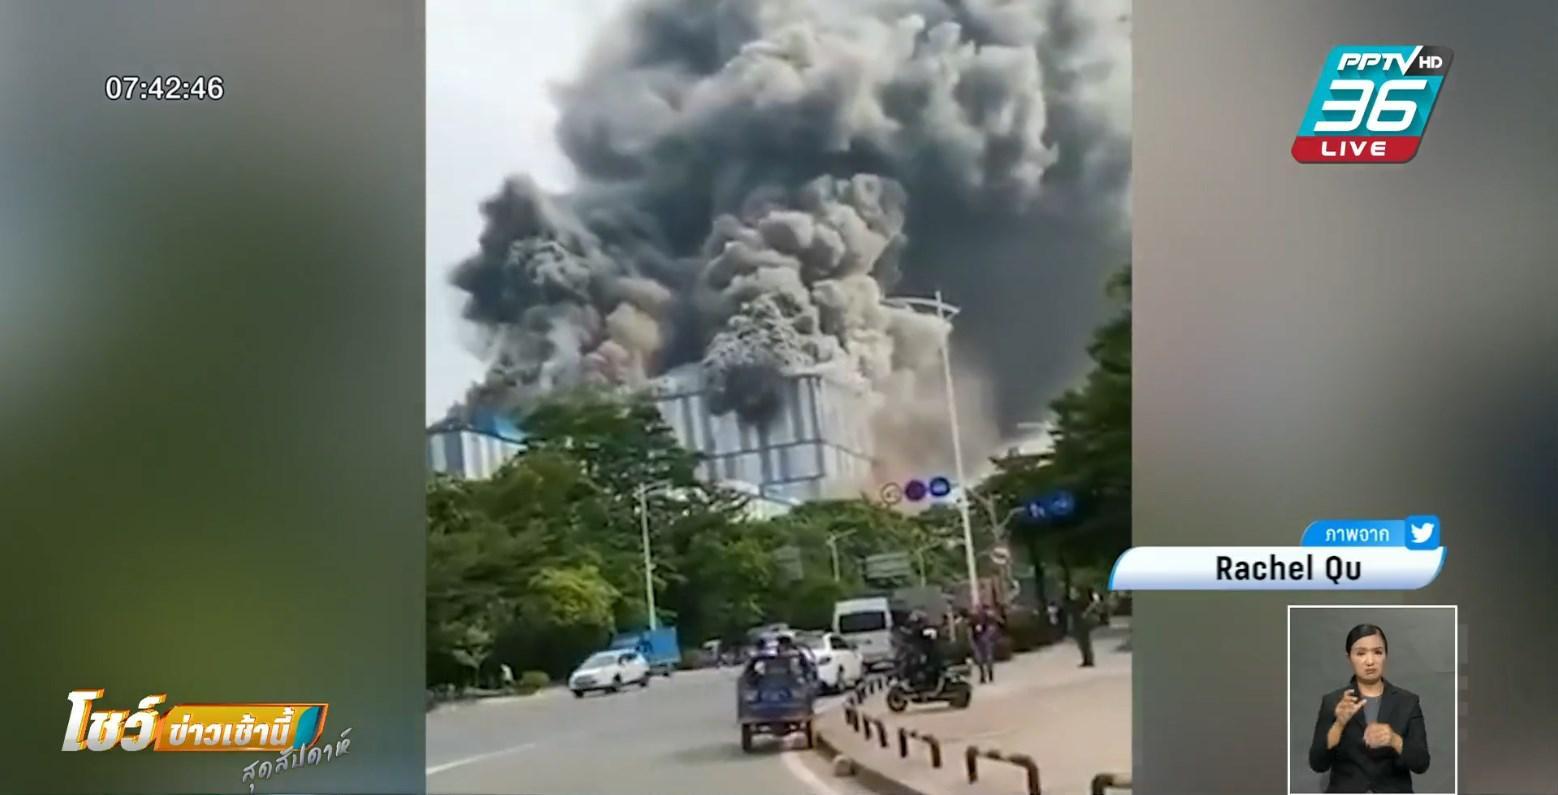 ห้องแล็บหัวเว่ย ระเบิดในจีน พนักงานวิ่งหนีตายวุ่น